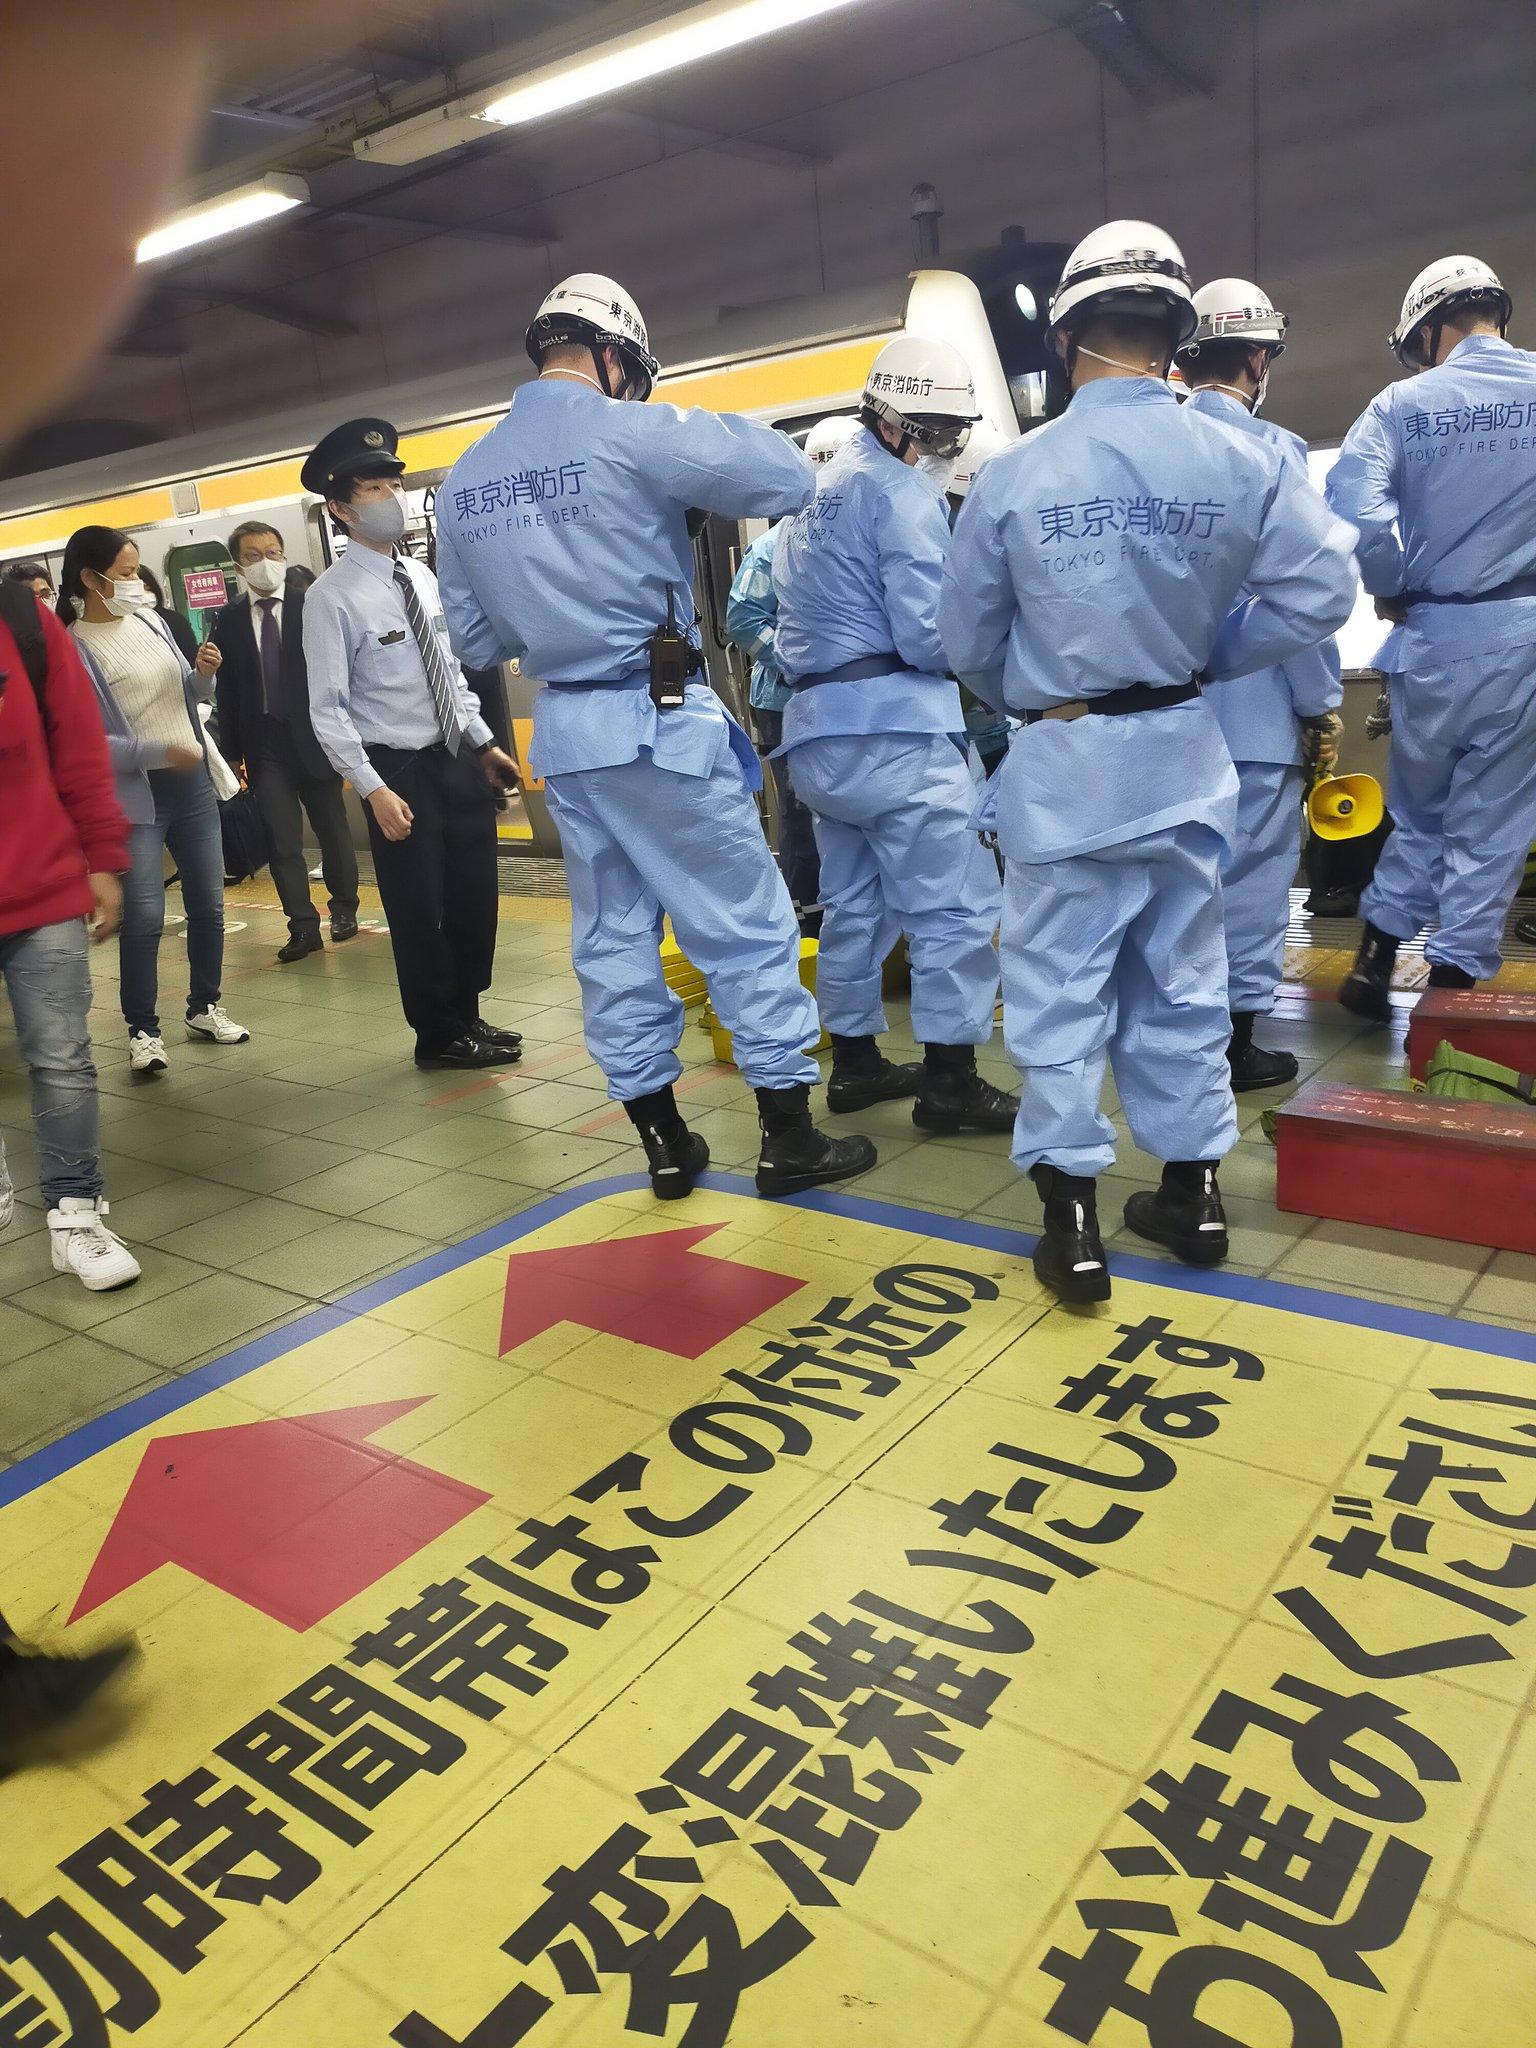 中央快速線の荻窪駅の人身事故現場の画像